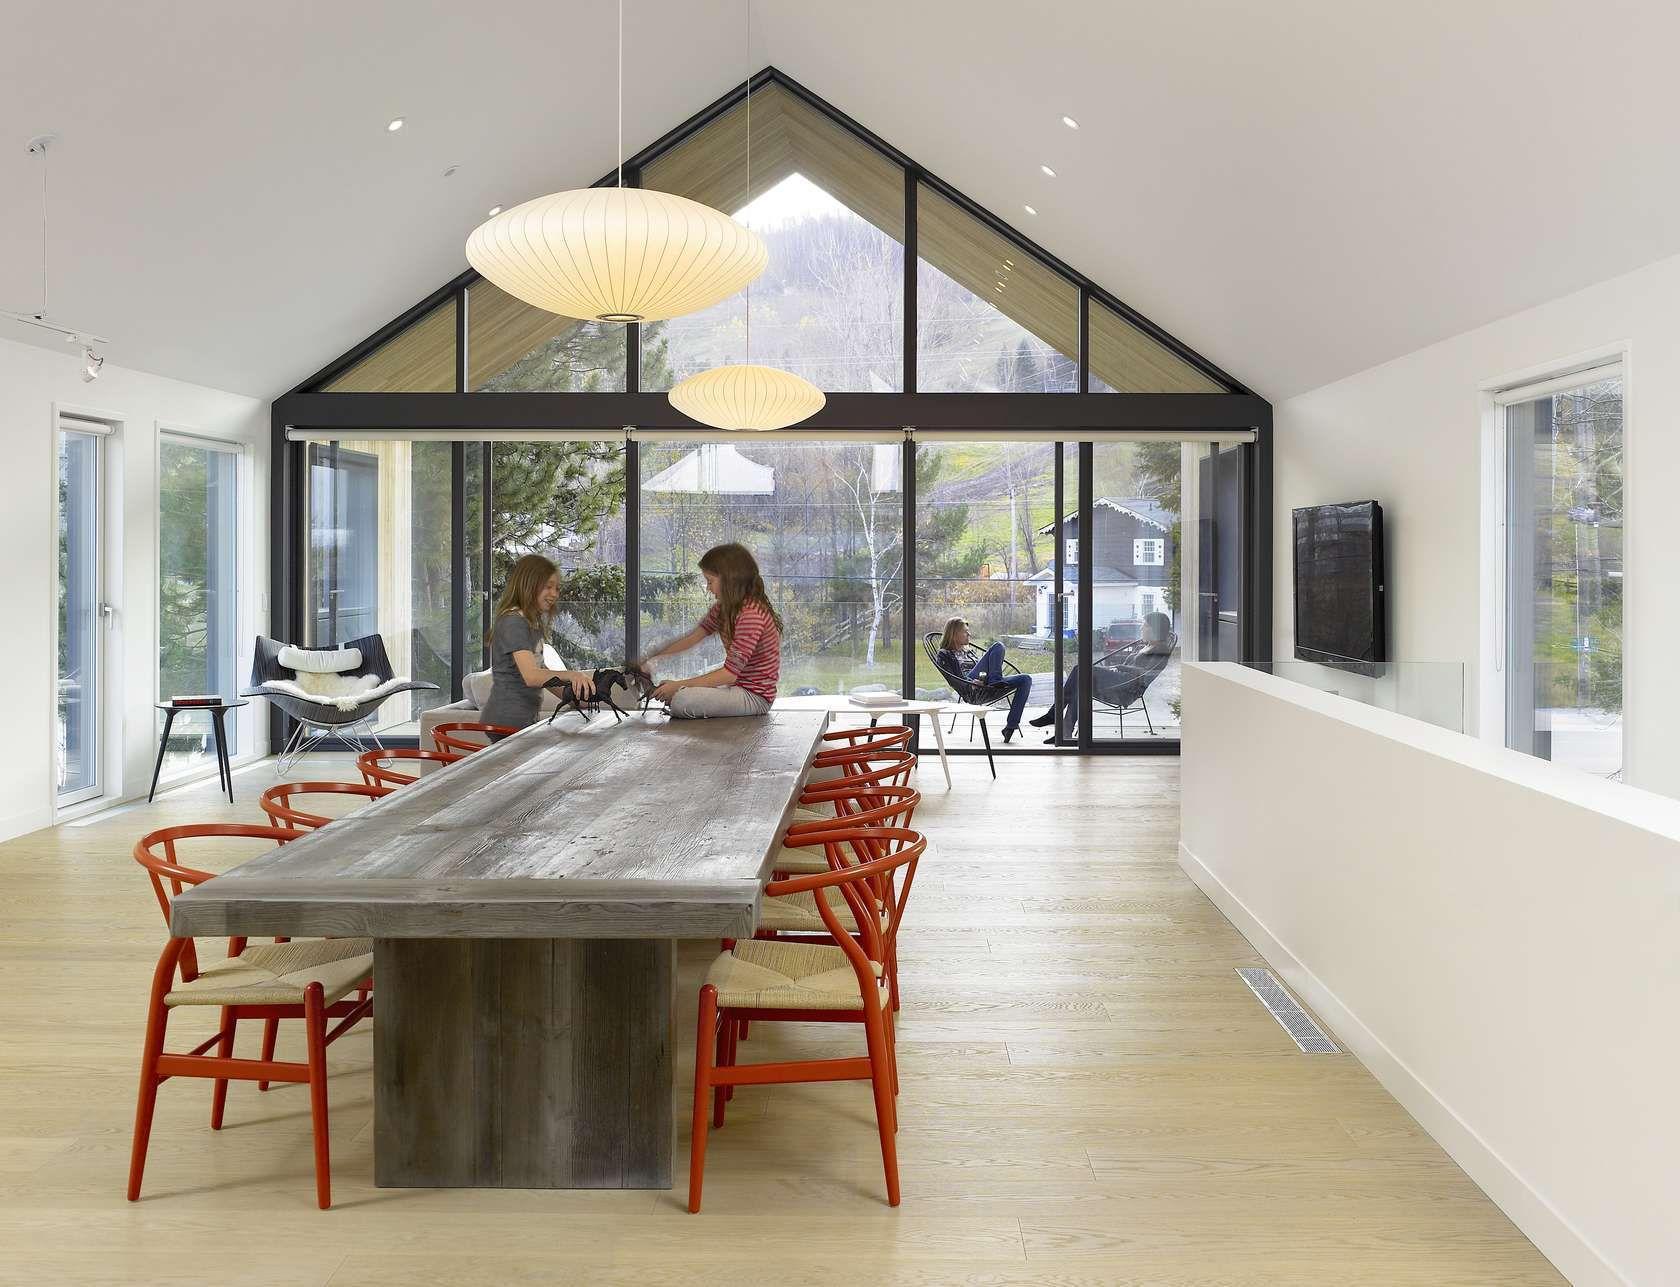 Maison glissade woodz - Maison style atelier ...